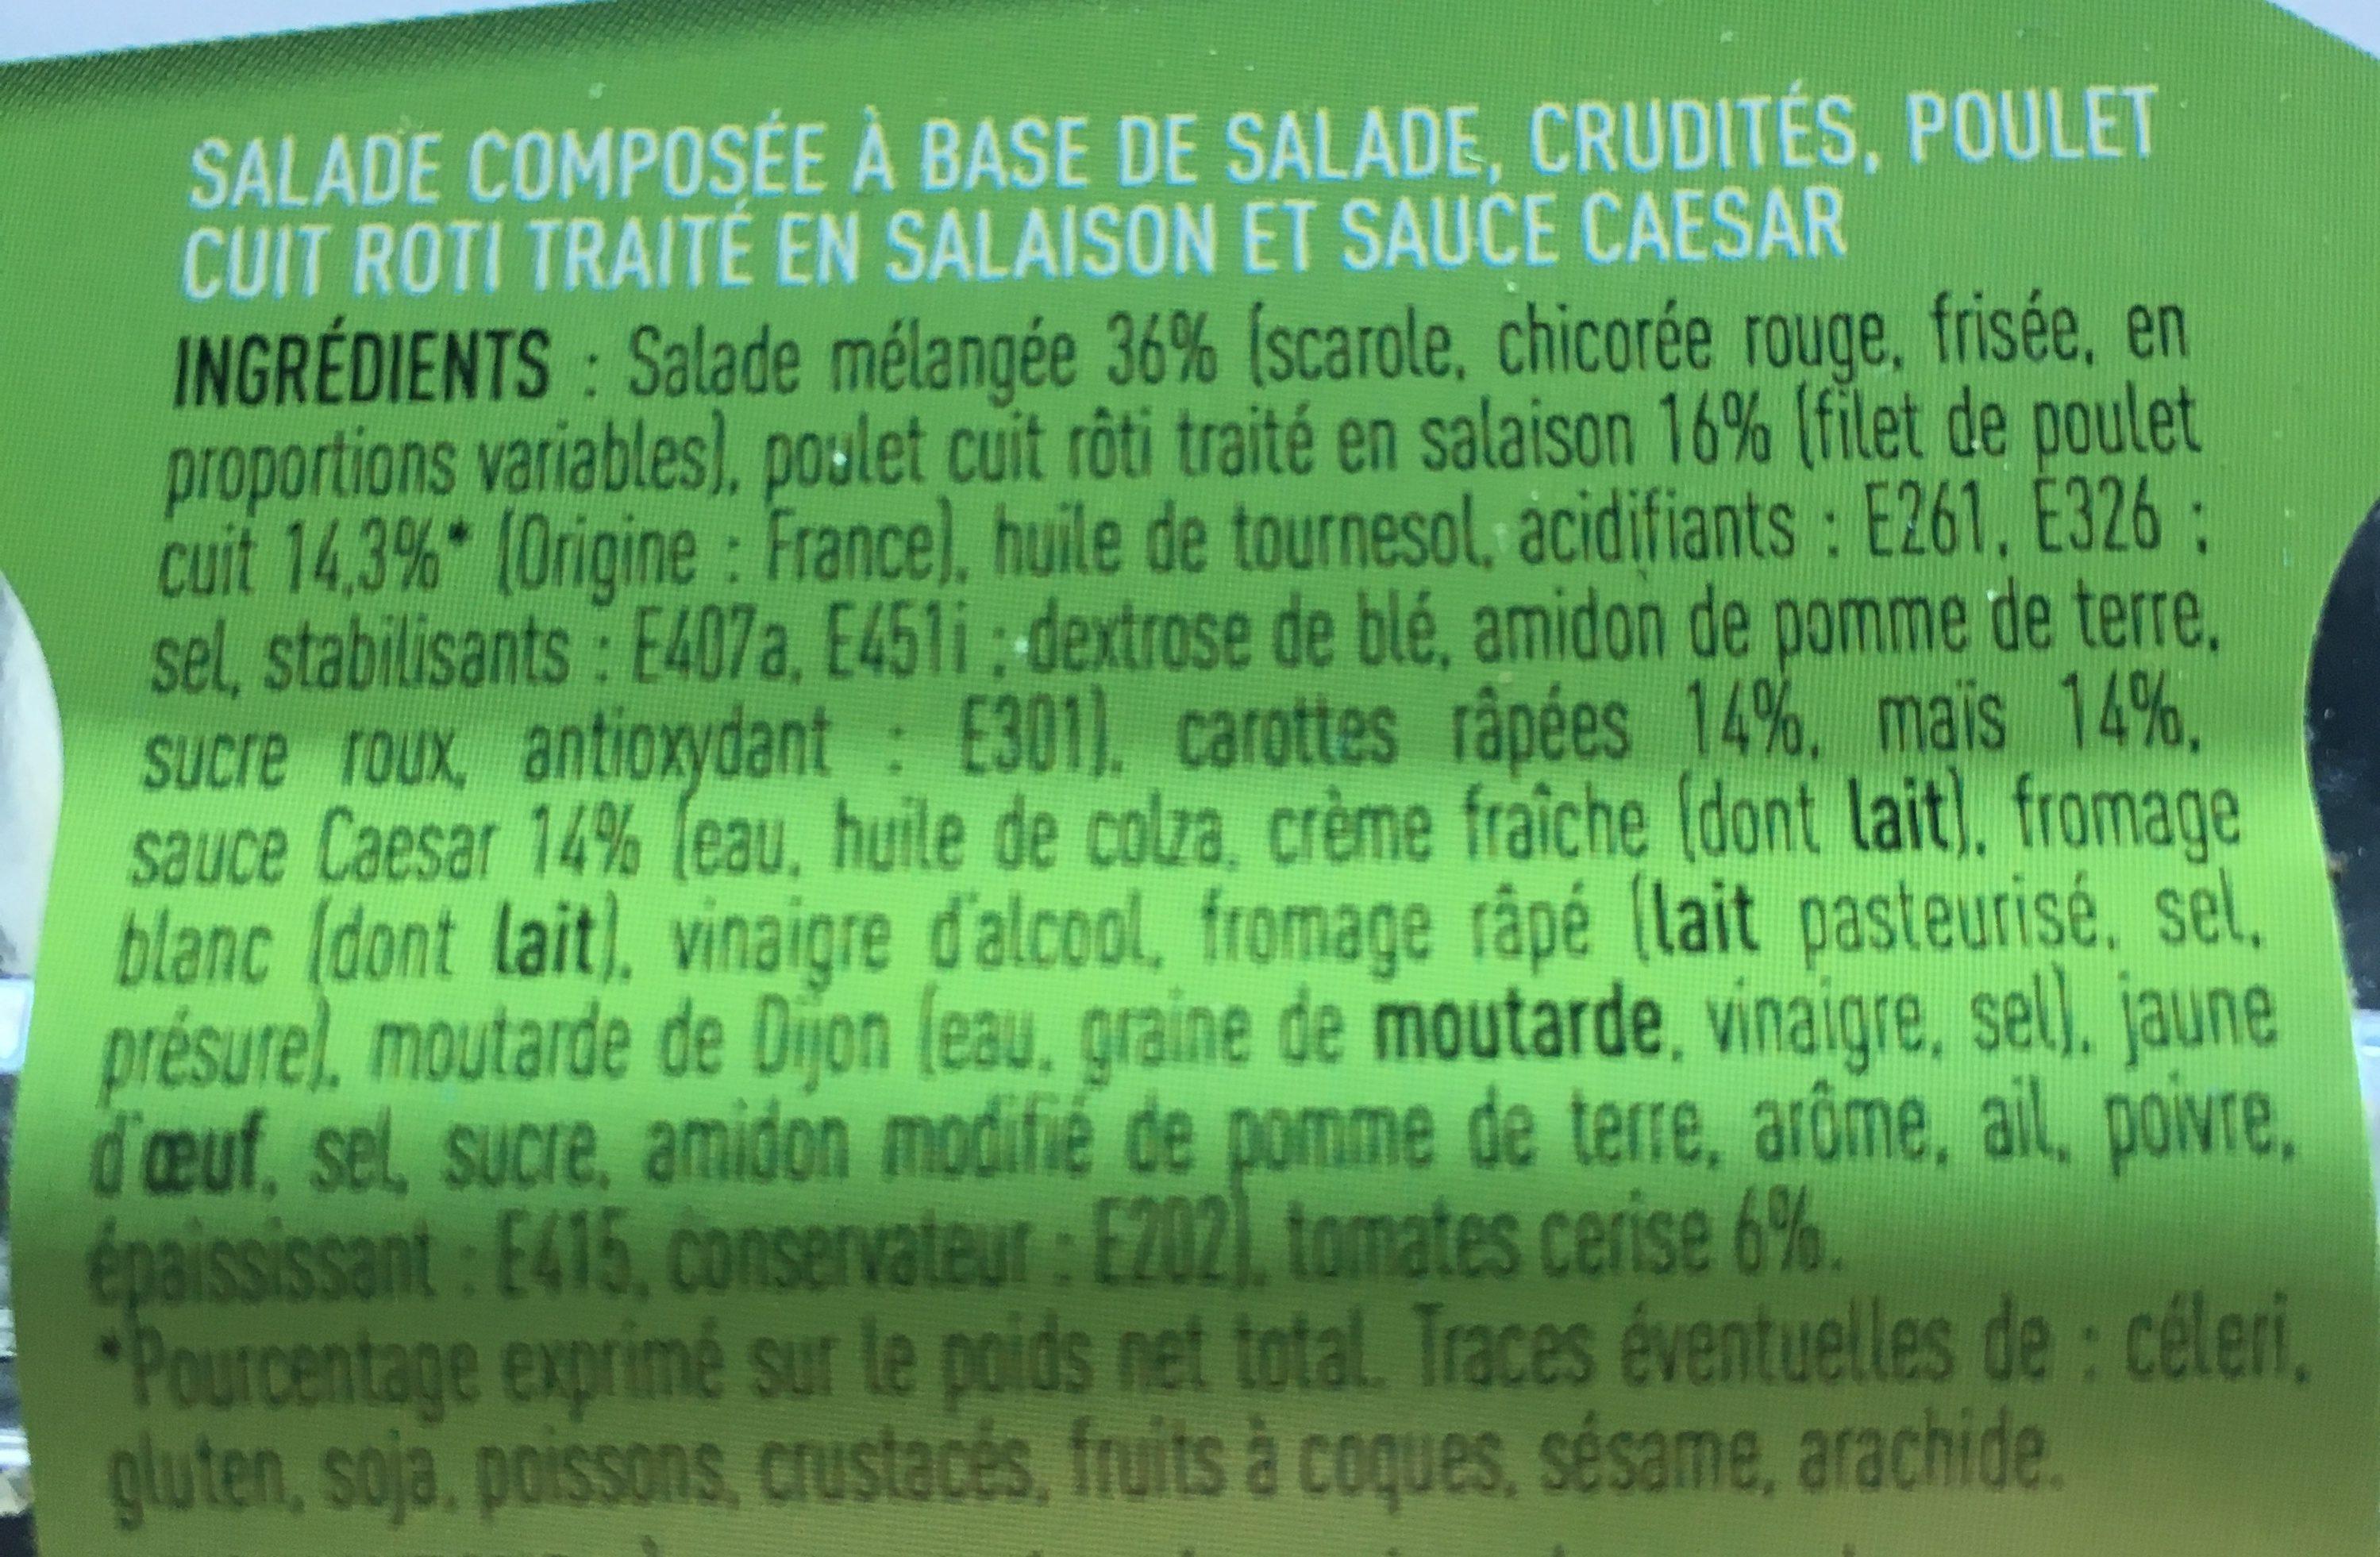 Salade Poulet Crudit?s - Ingredients